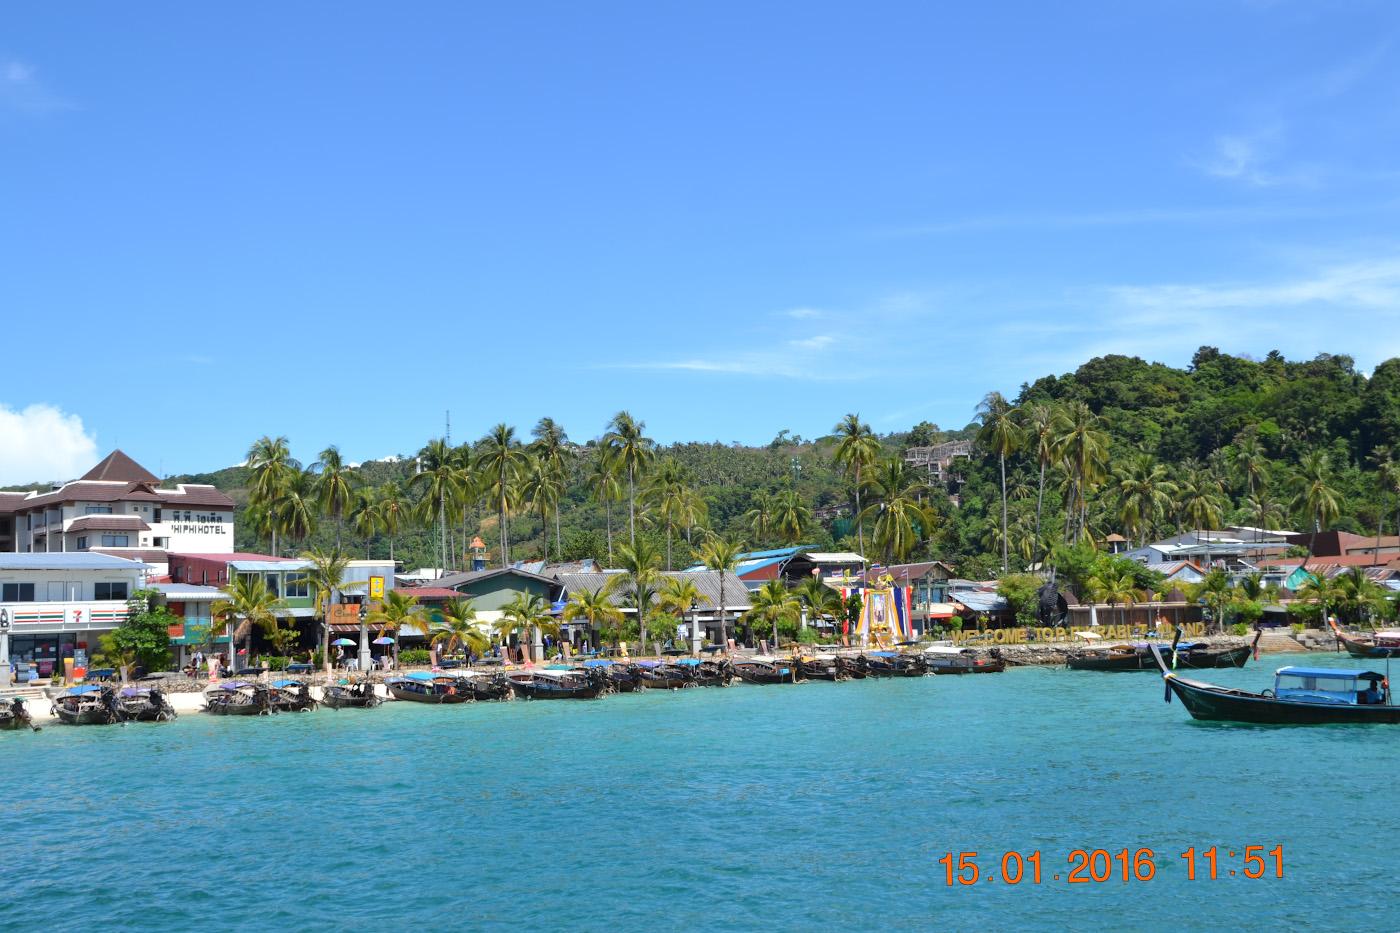 Фотография 5. Вид на катера на острове Пхи Пхи Дон. 1/320, 9.0, 100, 55.